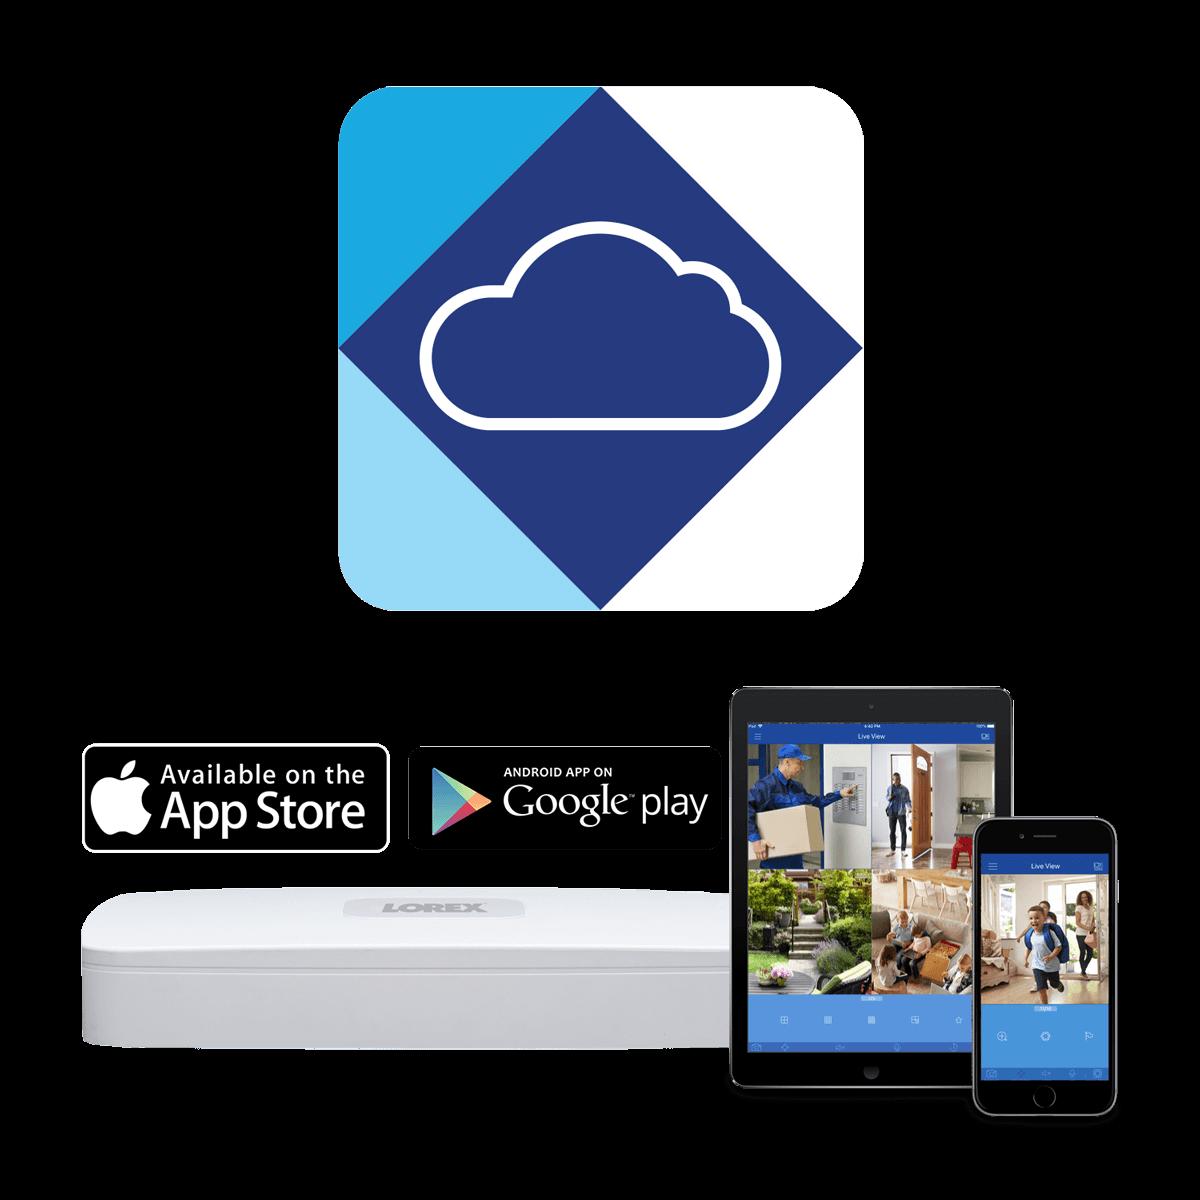 Lorex Cloud app